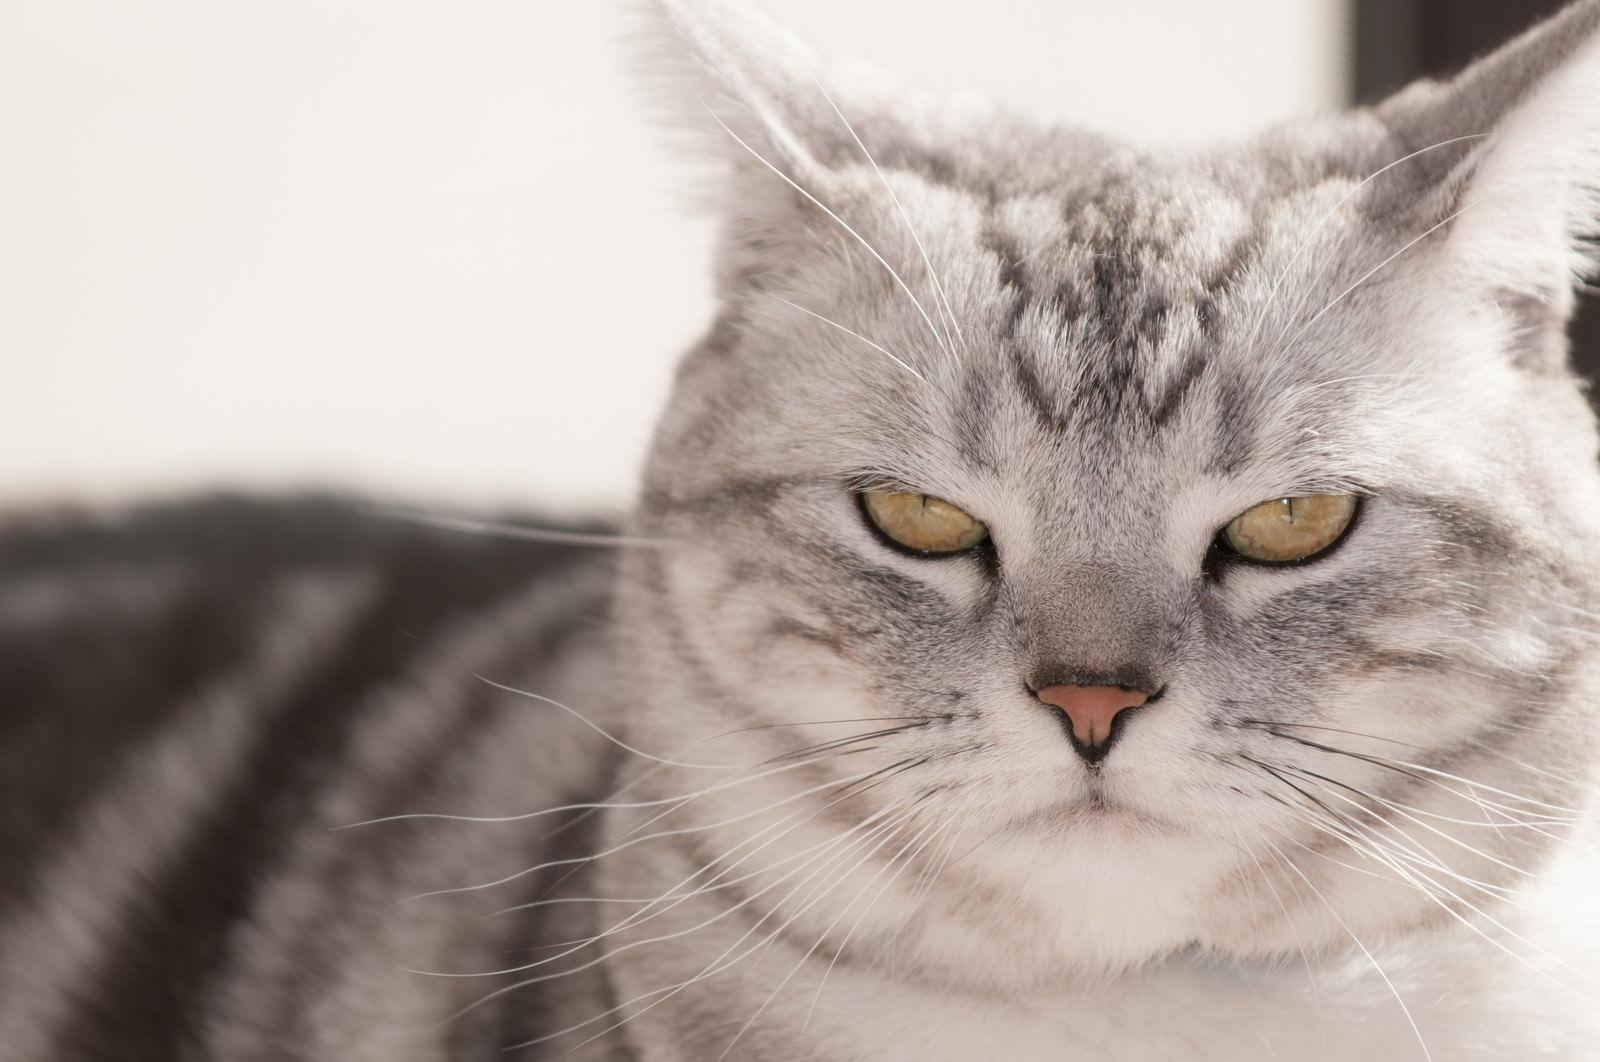 「示談の条件を言い渡す猫示談の条件を言い渡す猫」のフリー写真素材を拡大